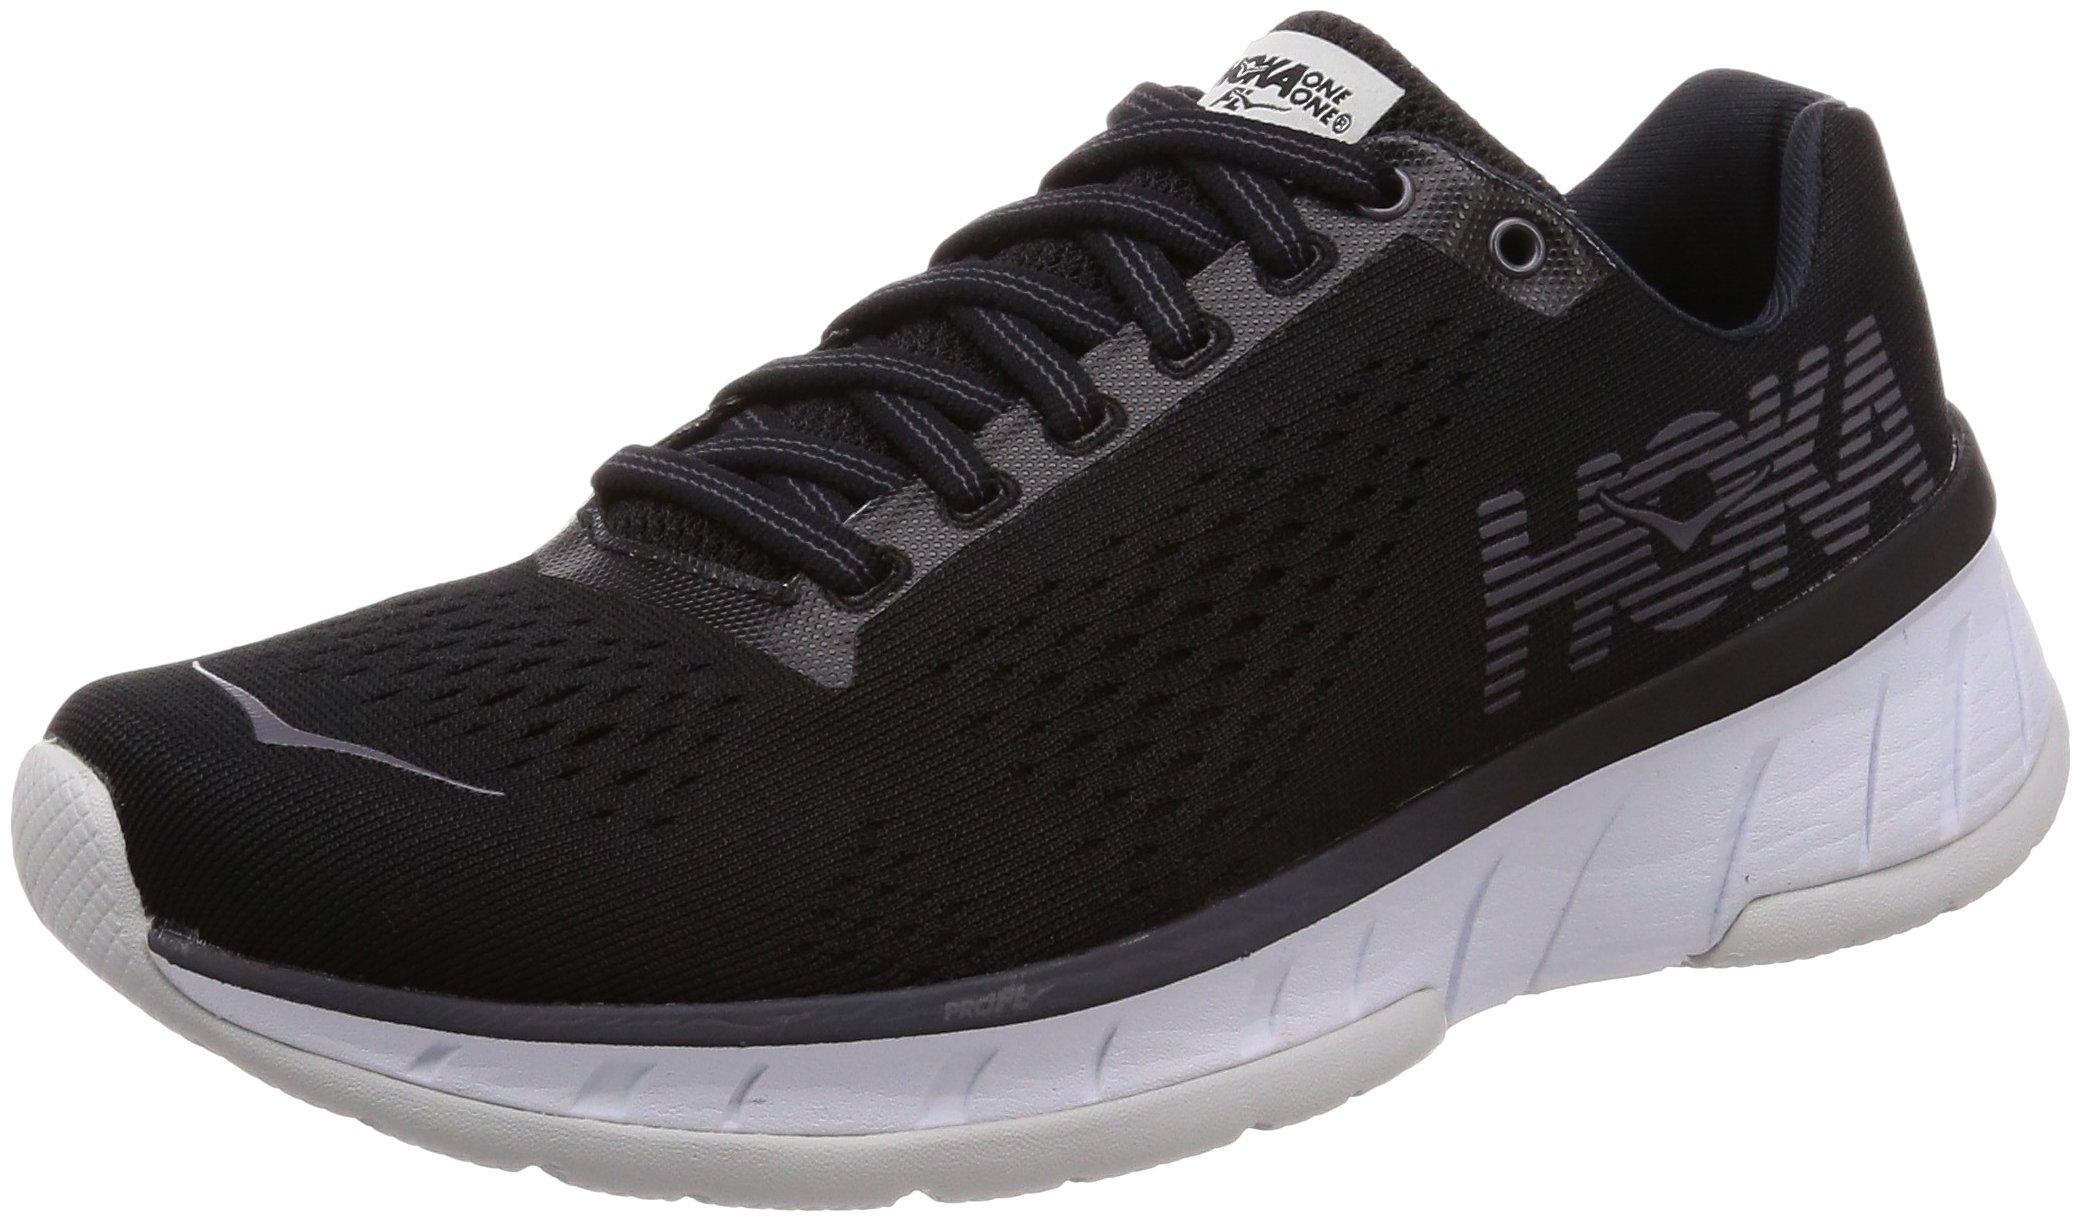 Hoka One 1019282-BWHT: Womens Cavu Black/White Running Sneakers (5 B(M) US Women)